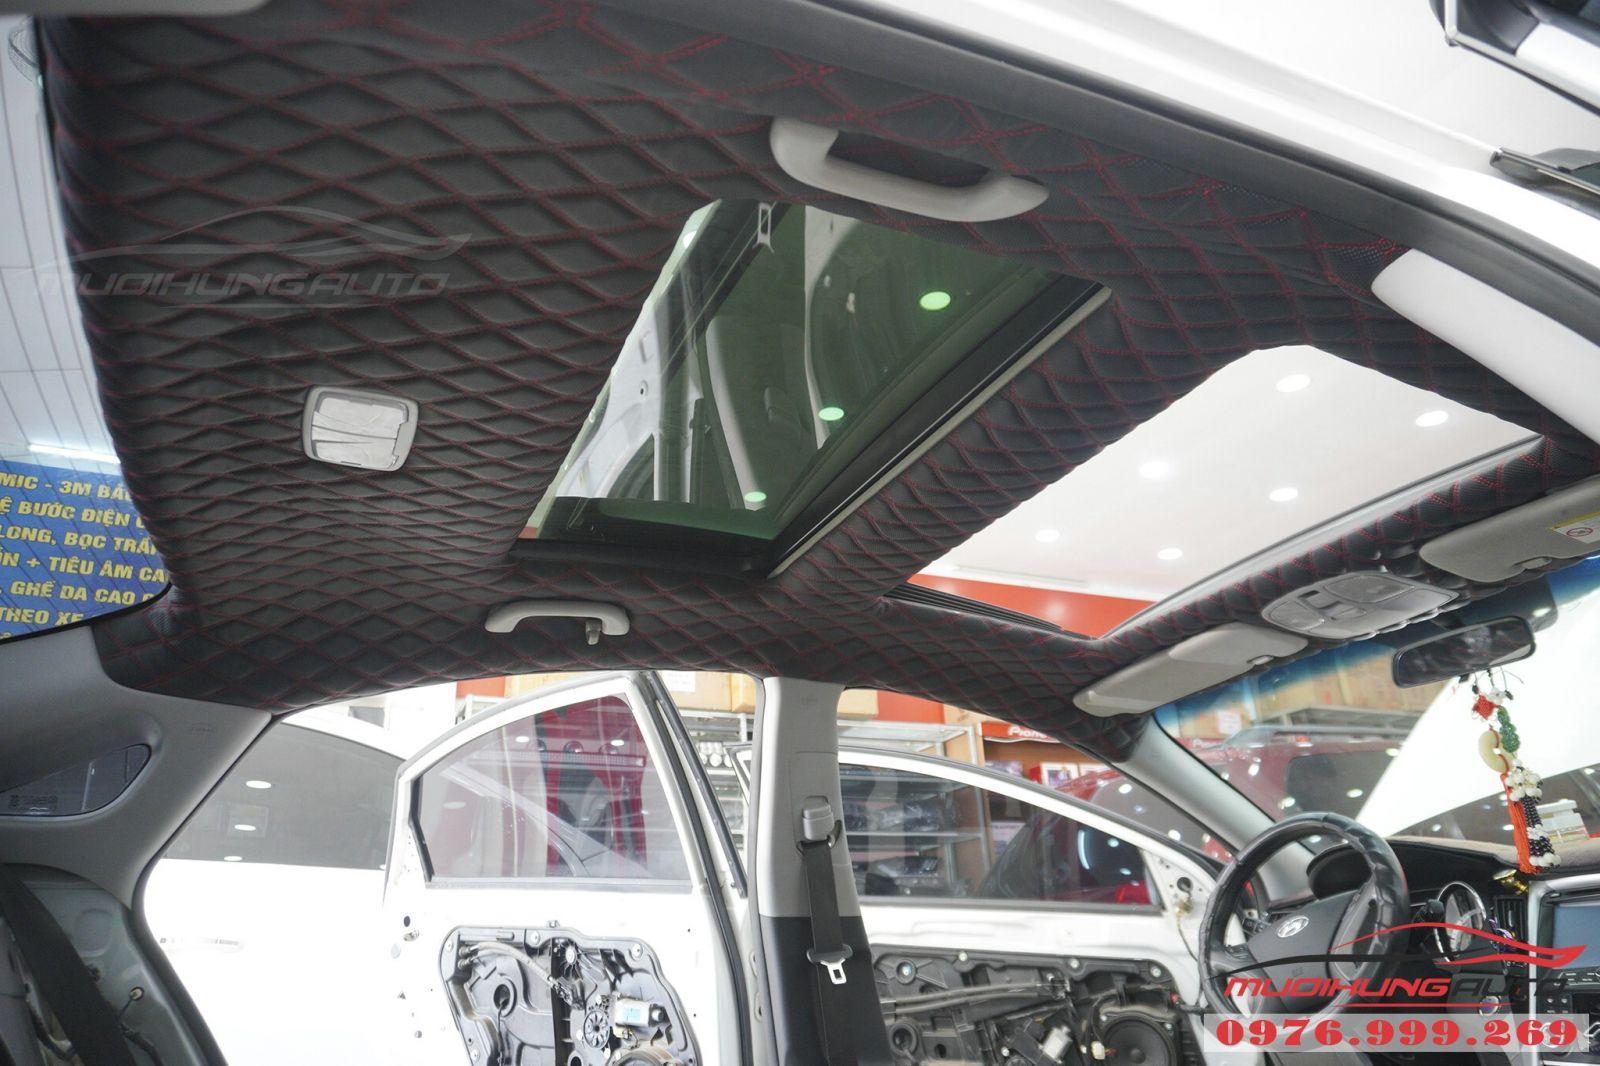 Bọc trần 5D cho Hyundai Sonata cao cấp 04